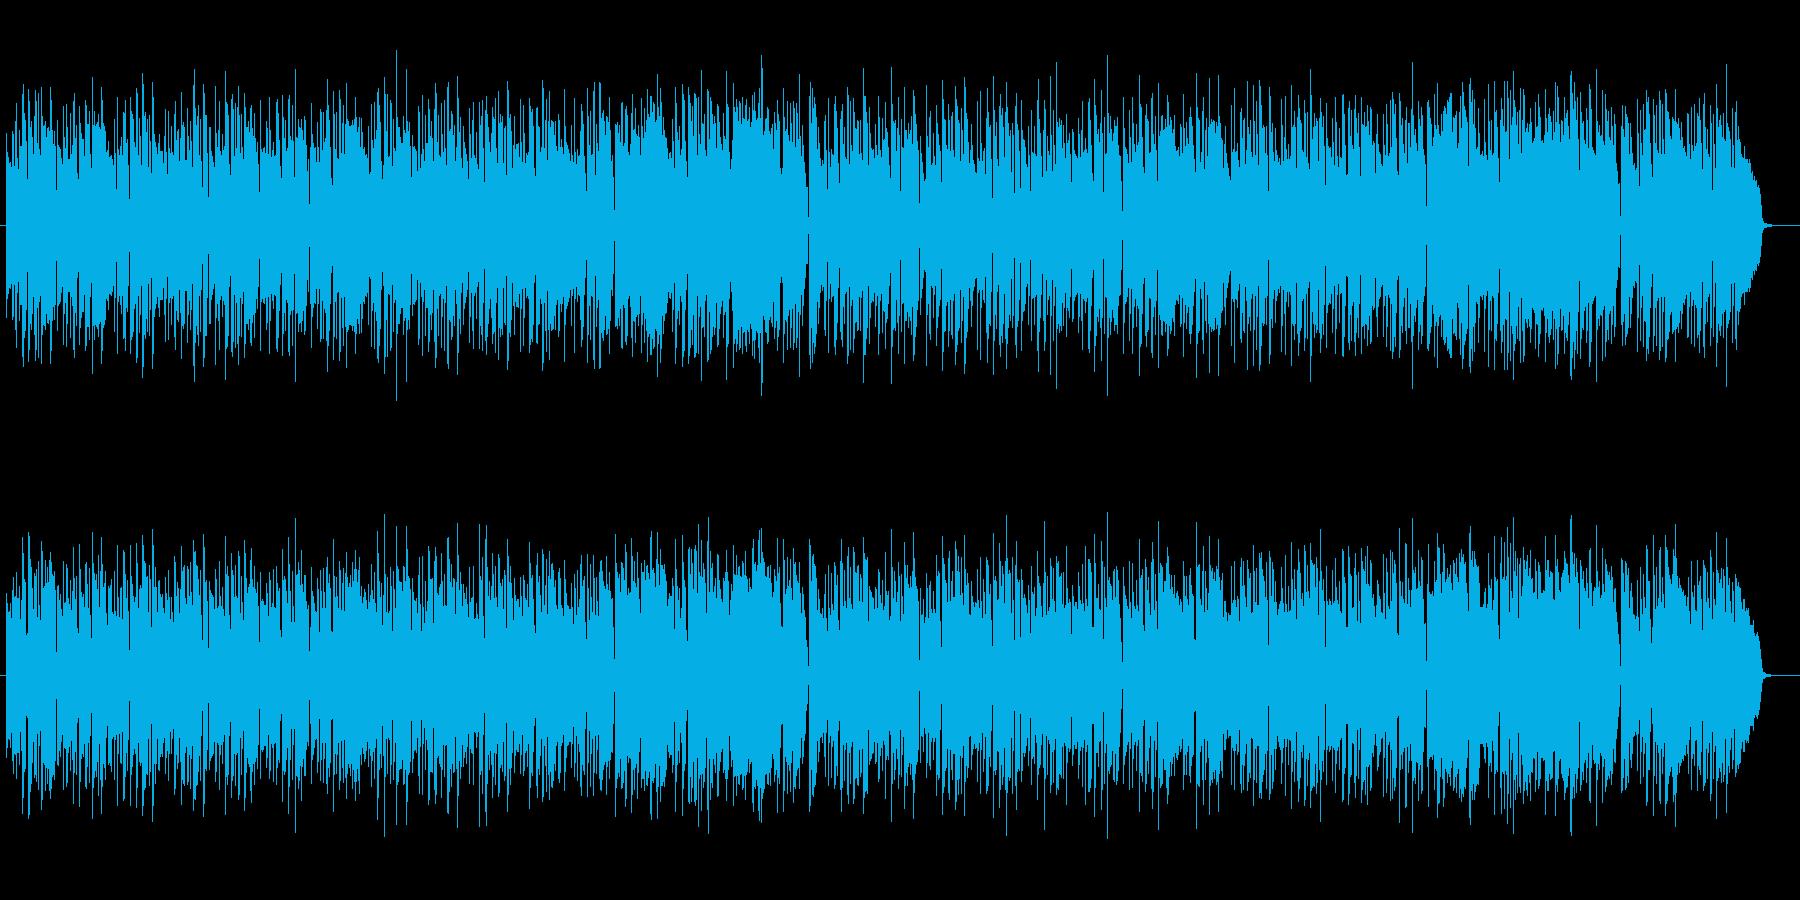 あやしげで大人な雰囲気のあるスロージャズの再生済みの波形